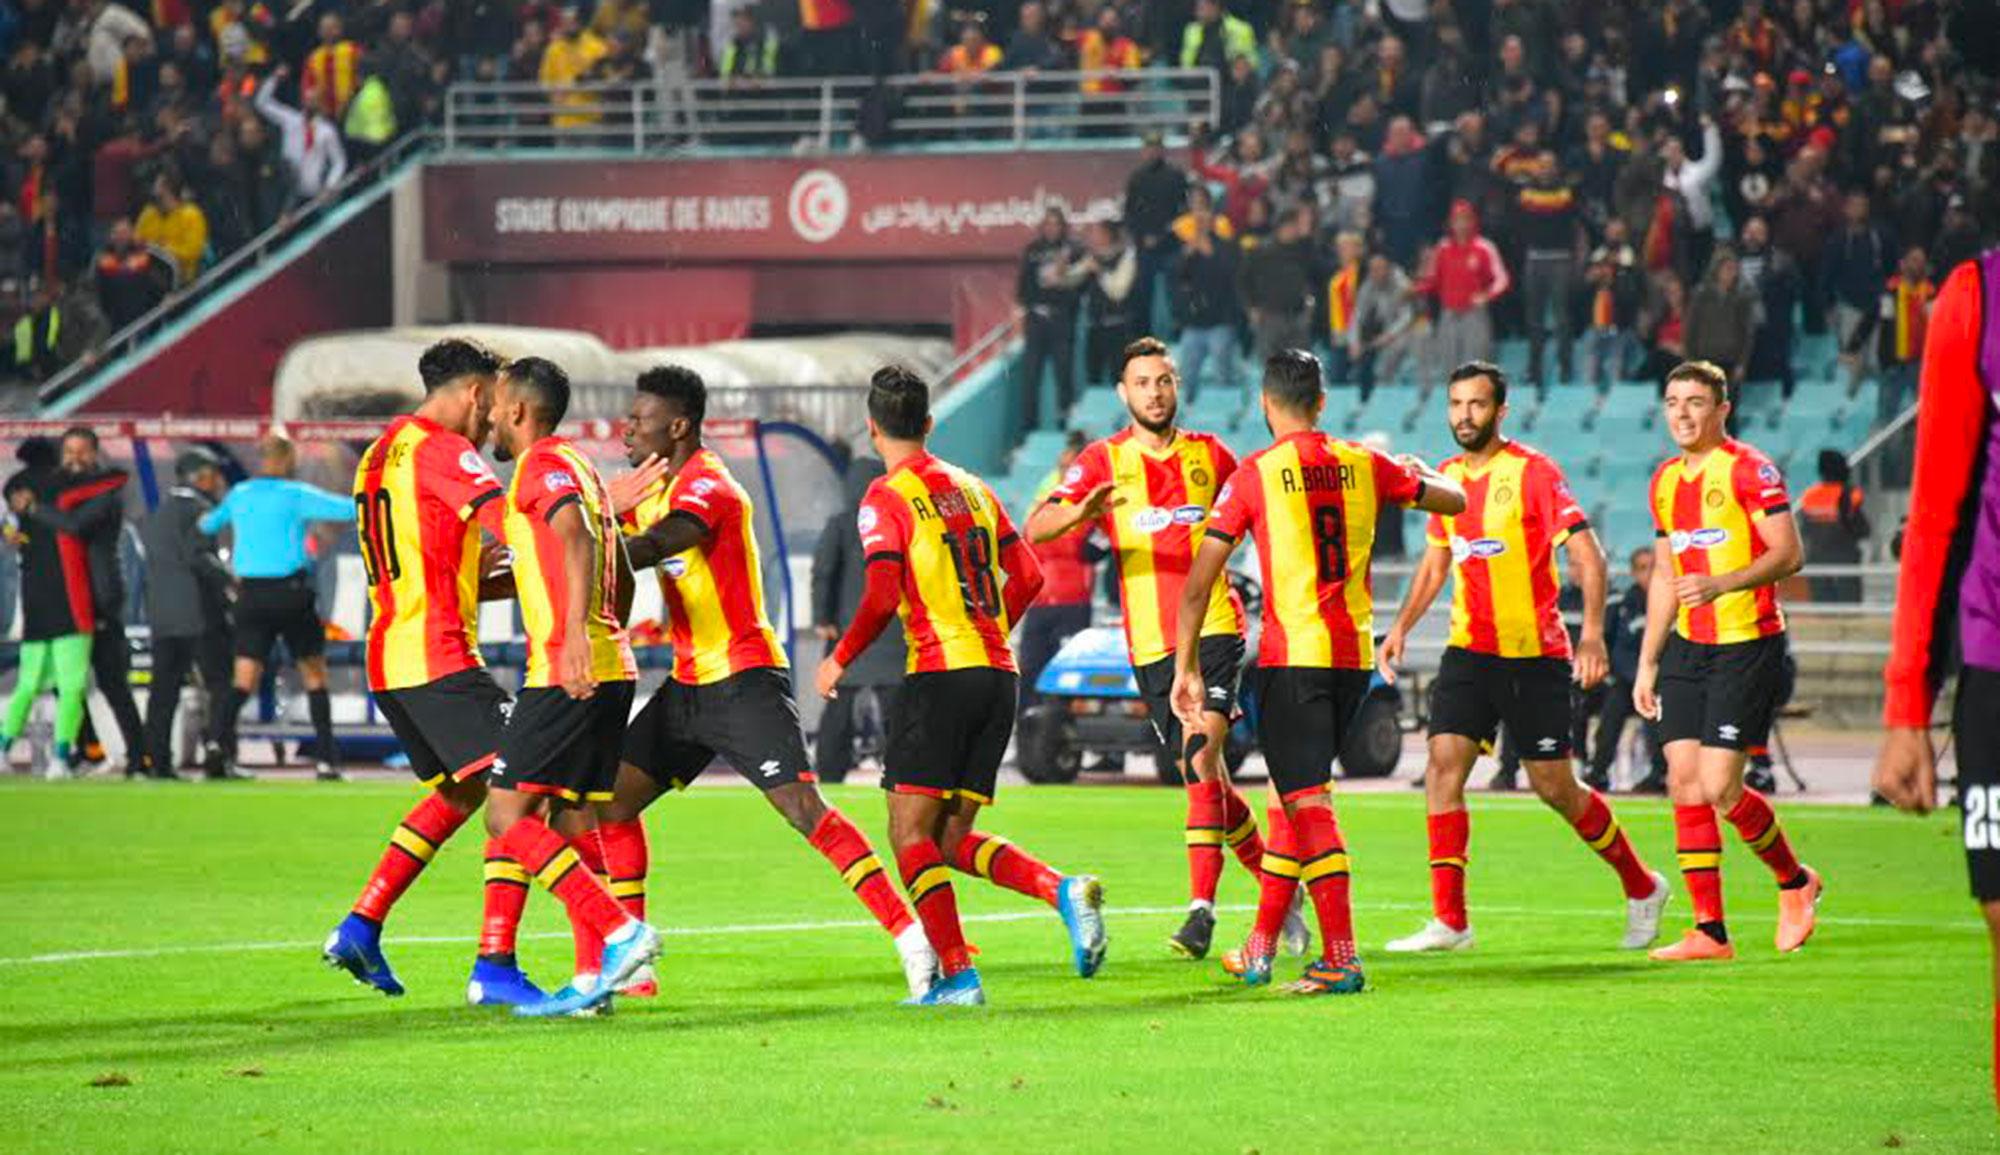 اقتراح جديد من الاتحاد التونسي لعودة كرة القدم